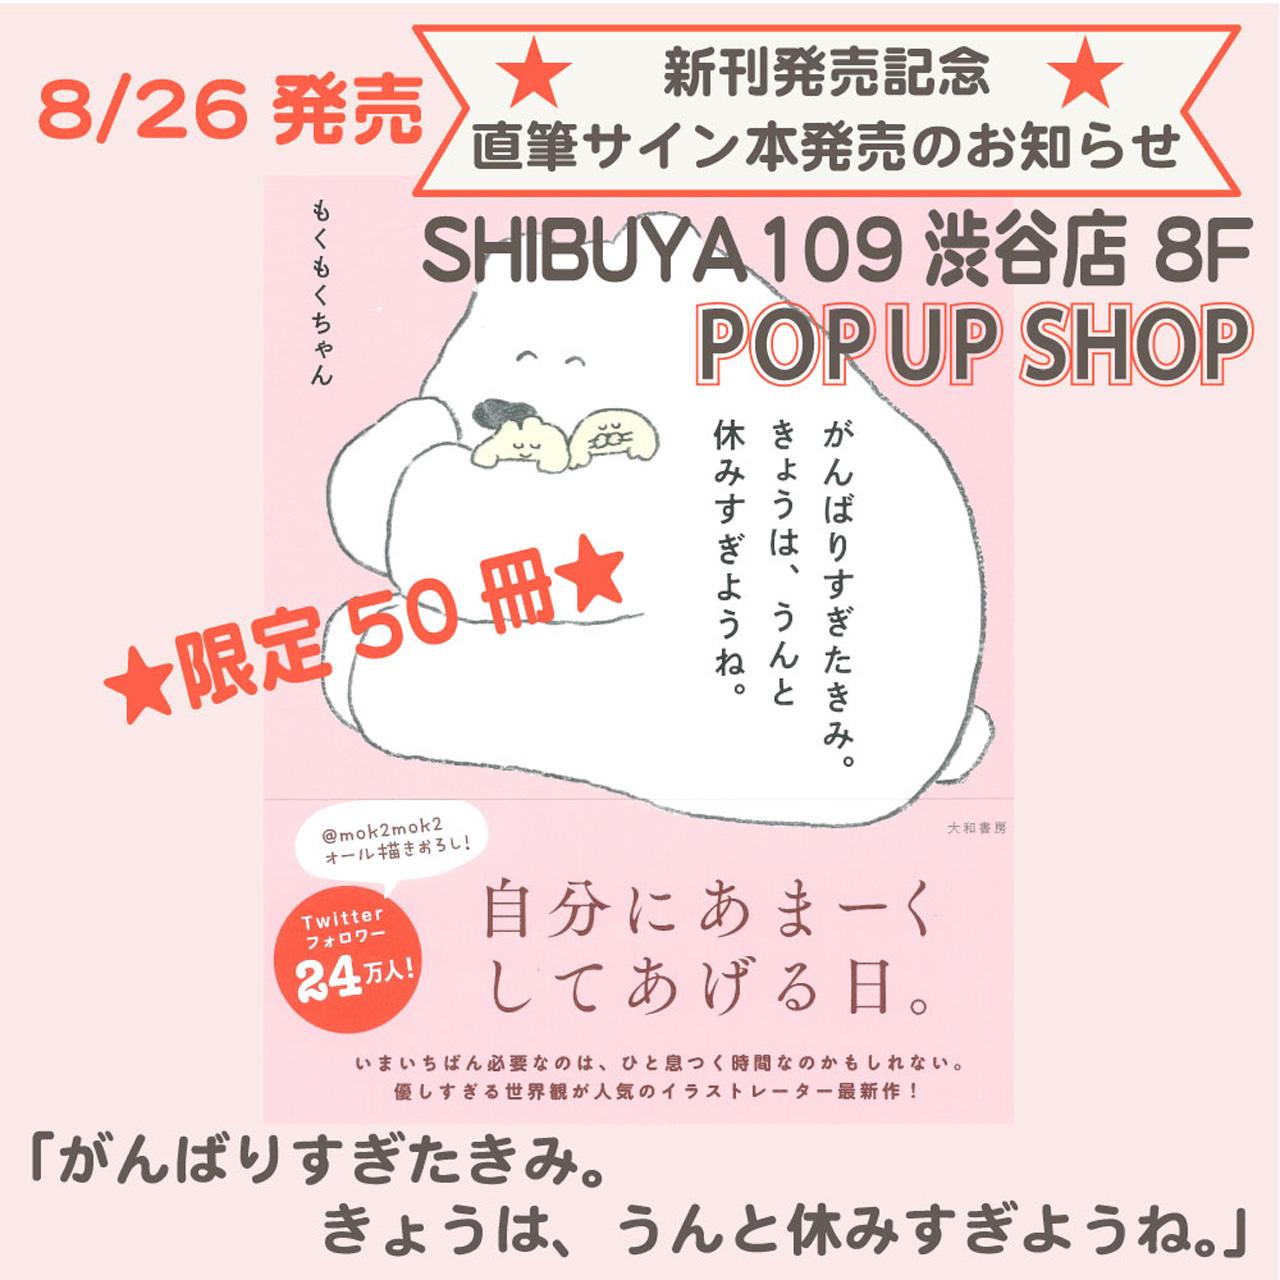 SHIBUYA 109渋谷店ポップアップショップにて新刊直筆サイン本発売!